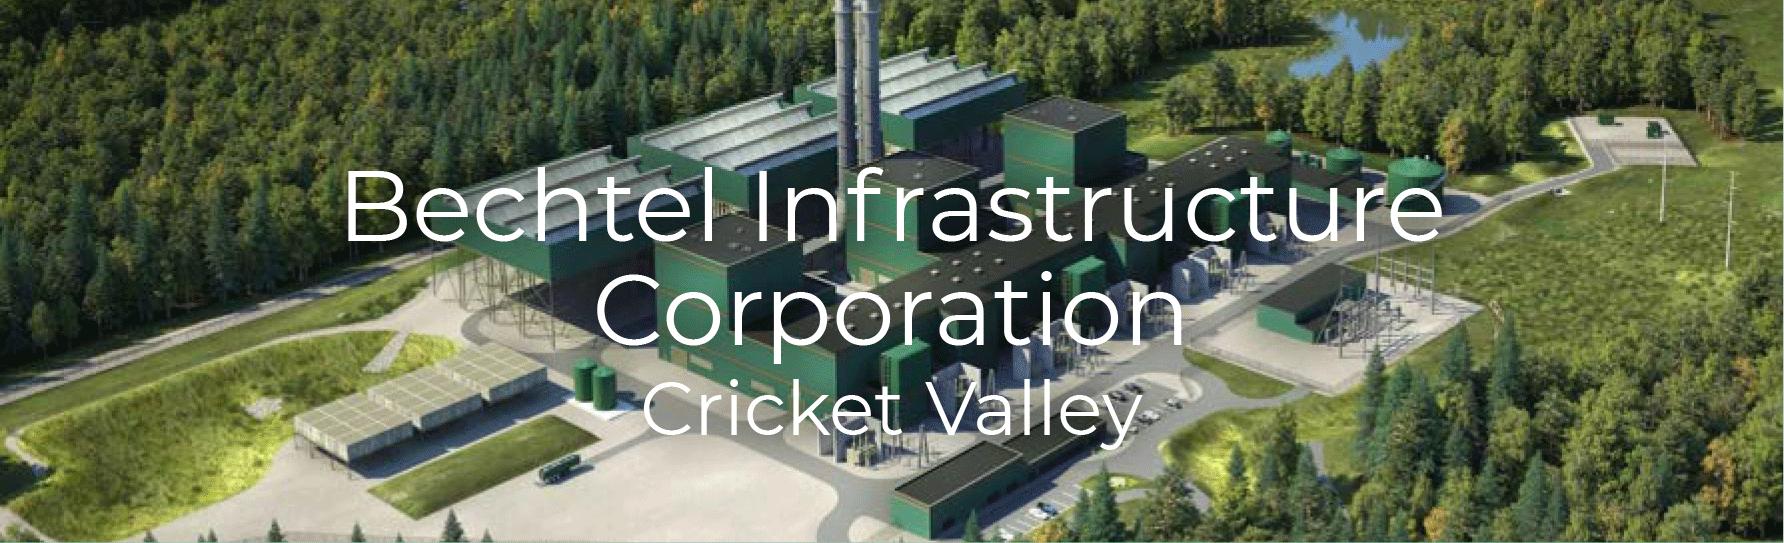 Cricket Valley